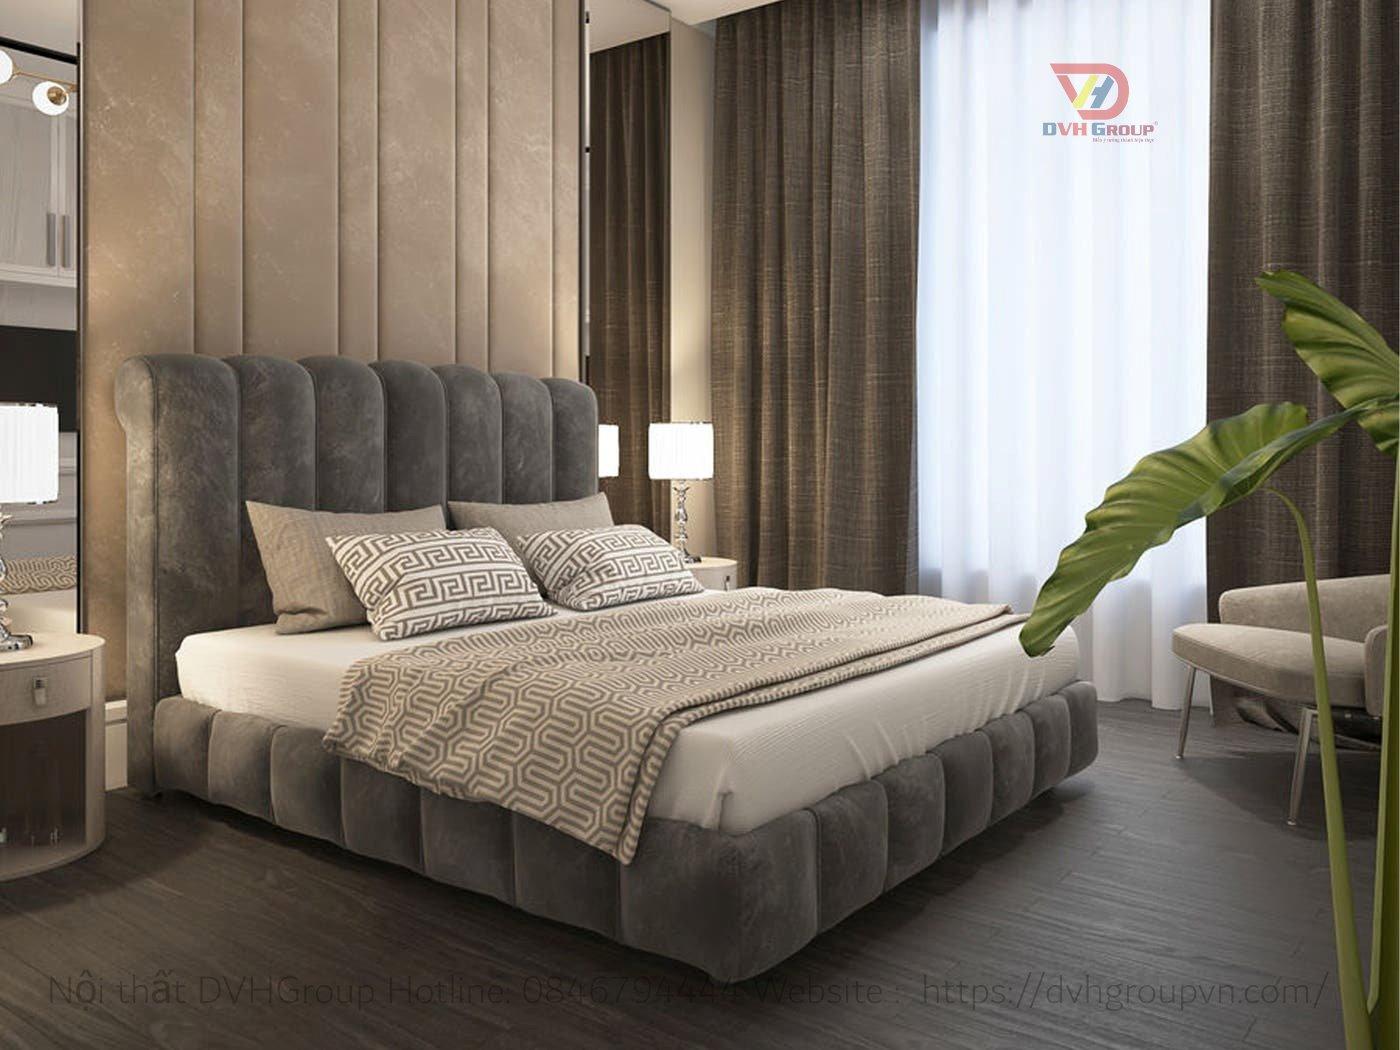 Công Ty Thiết Kế Nội Thất Tại Quận Gò Vấp - Nội Thất DVHGroup - Thiết kế nội thất phòng ngủ